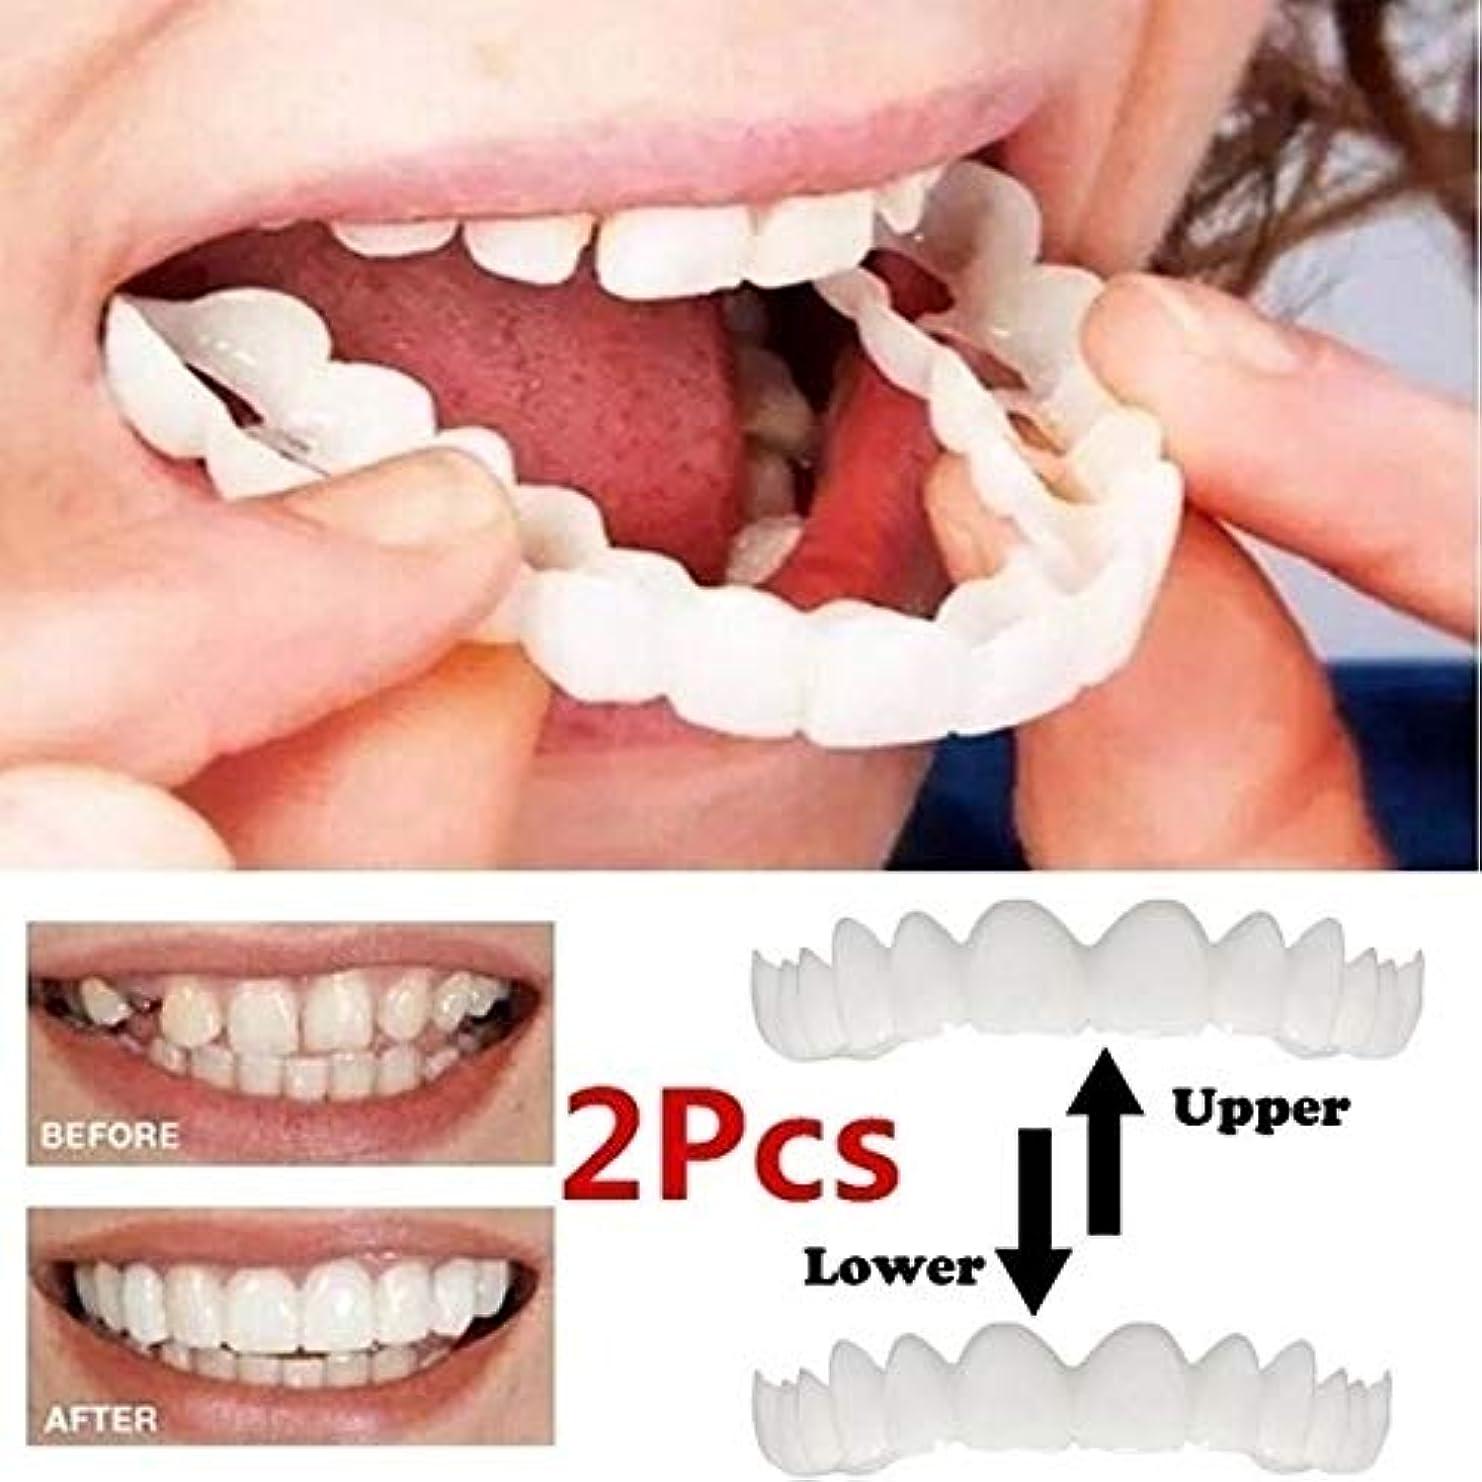 気付くヒゲ帝国主義2本の一時的な笑顔の快適フィット化粧品の歯義歯のベニヤ歯の快適フィットフレックス化粧品の歯の上の歯のベニヤと下のベニヤ - 歯のベニヤ